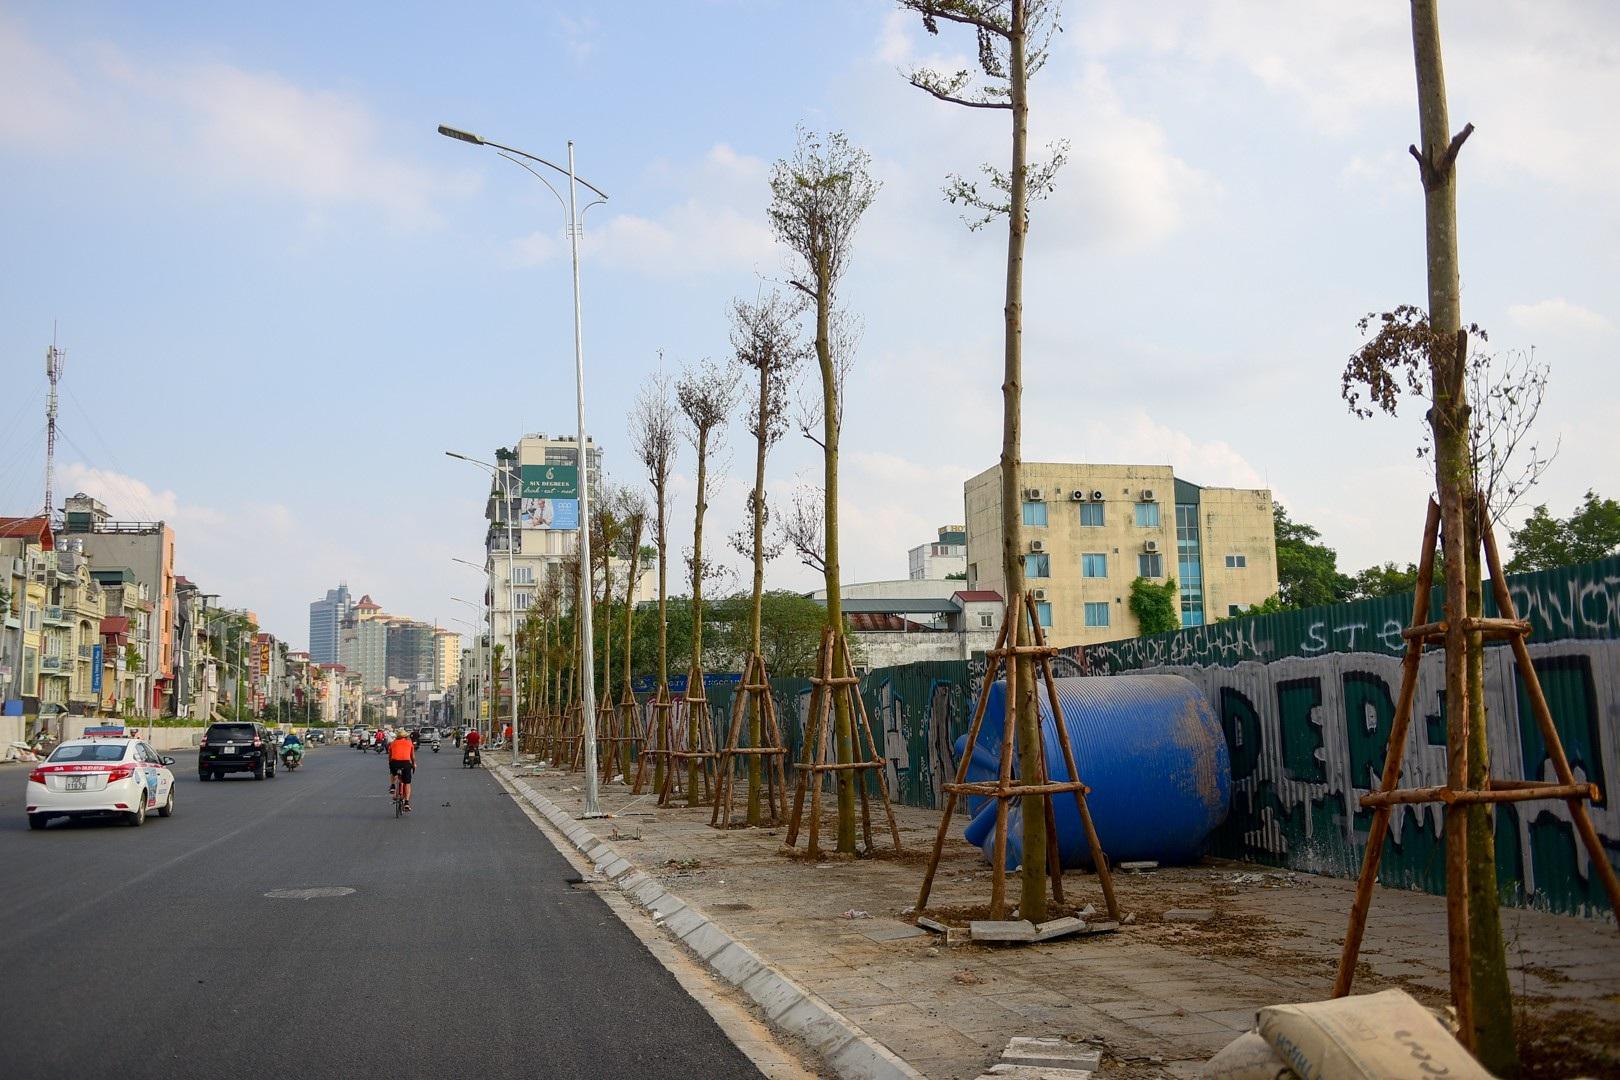 Hà Nội: Toàn cảnh dự án cầu vượt An Dương sau hơn một năm thi công - Ảnh 8.